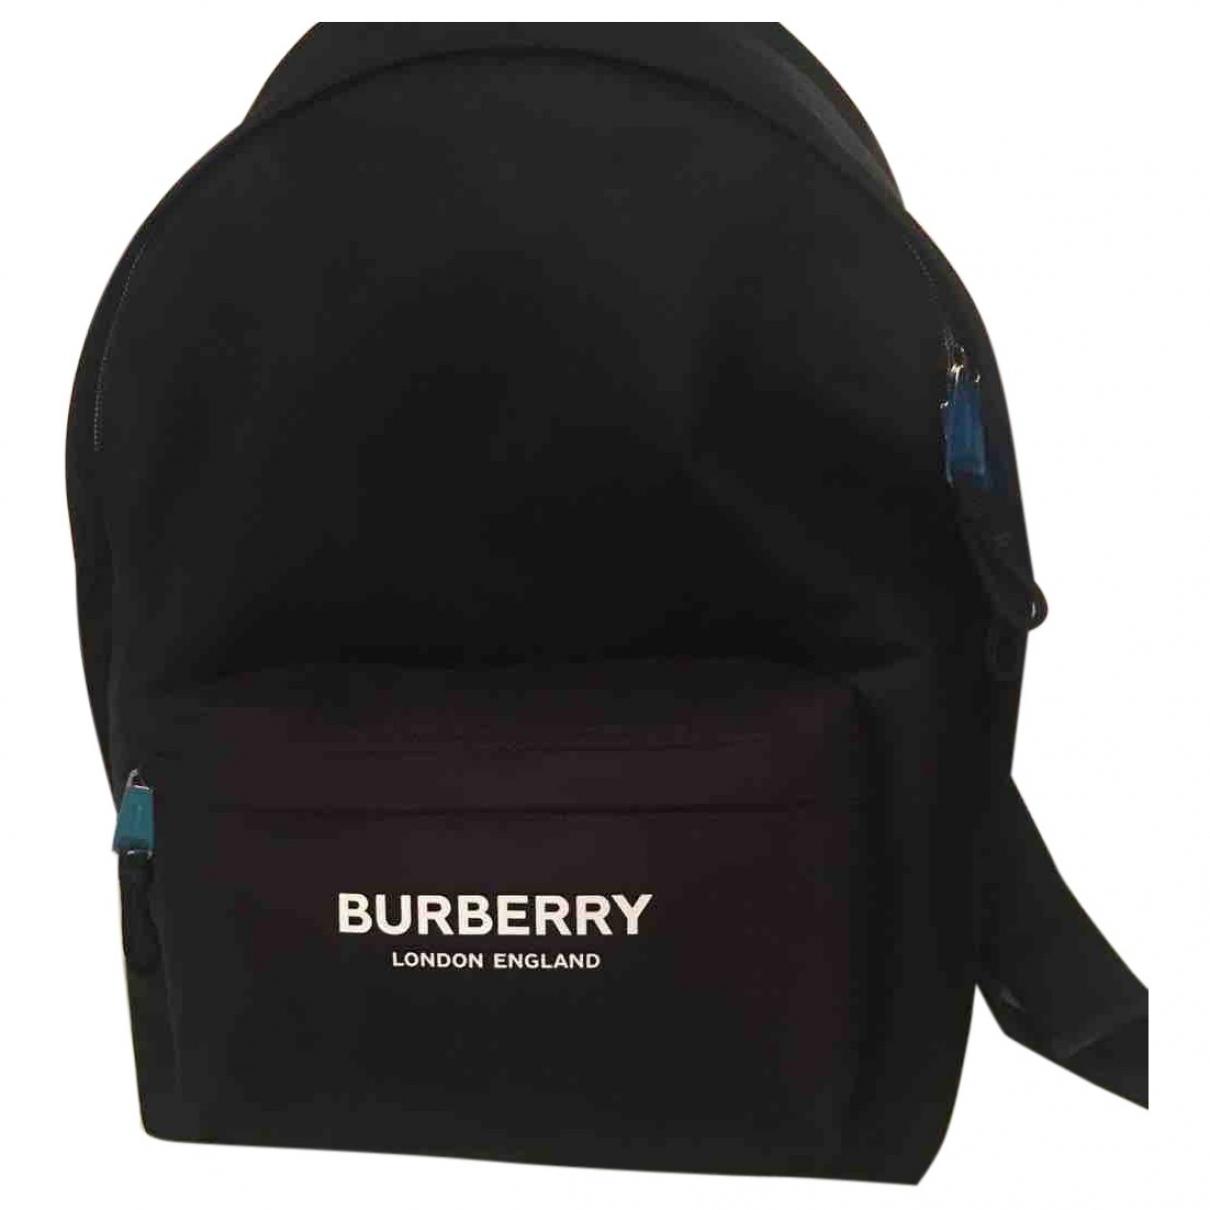 Burberry - Sac a dos   pour femme - noir